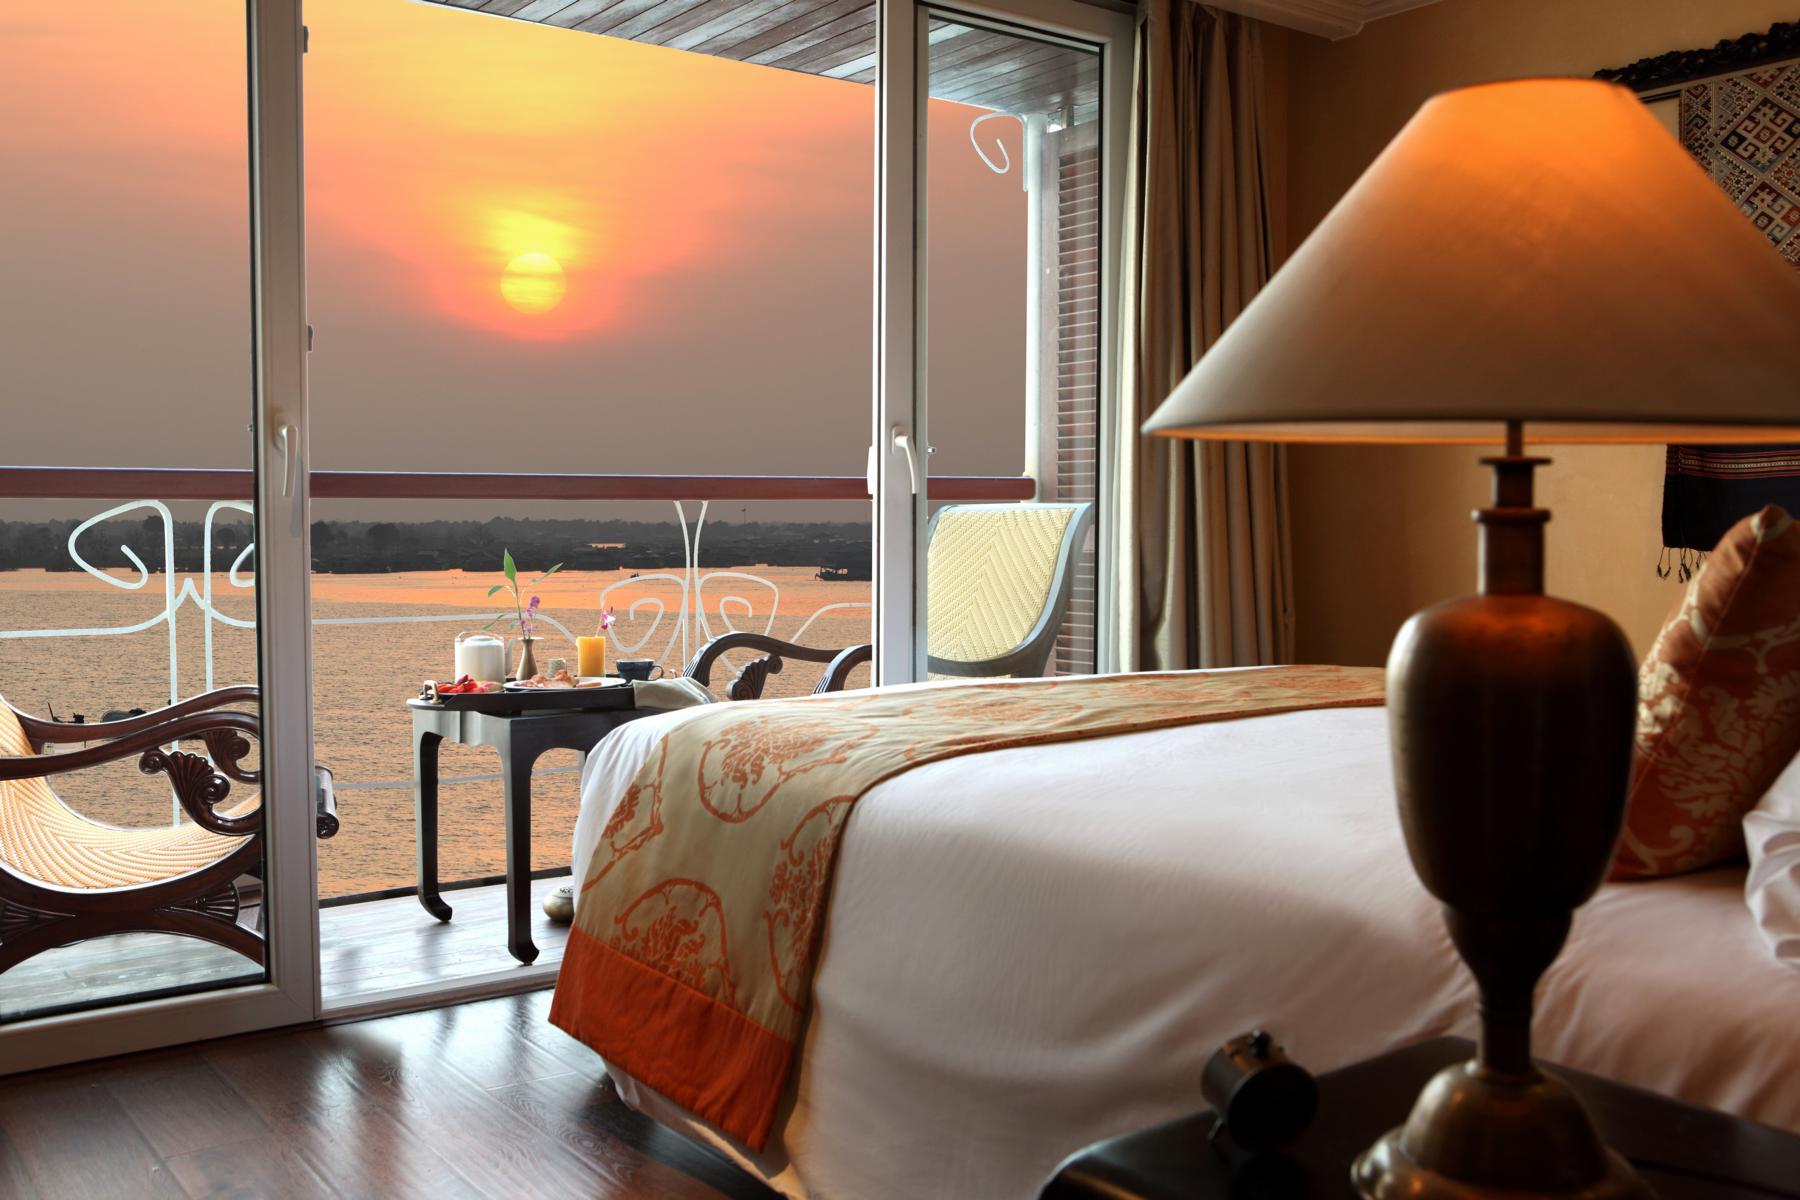 Suite mit Balkon und Ausblick auf den Sonnenuntergang auf der Jayavarman der Heritage Line auf dem Mekong in Vietnam und Kambodscha